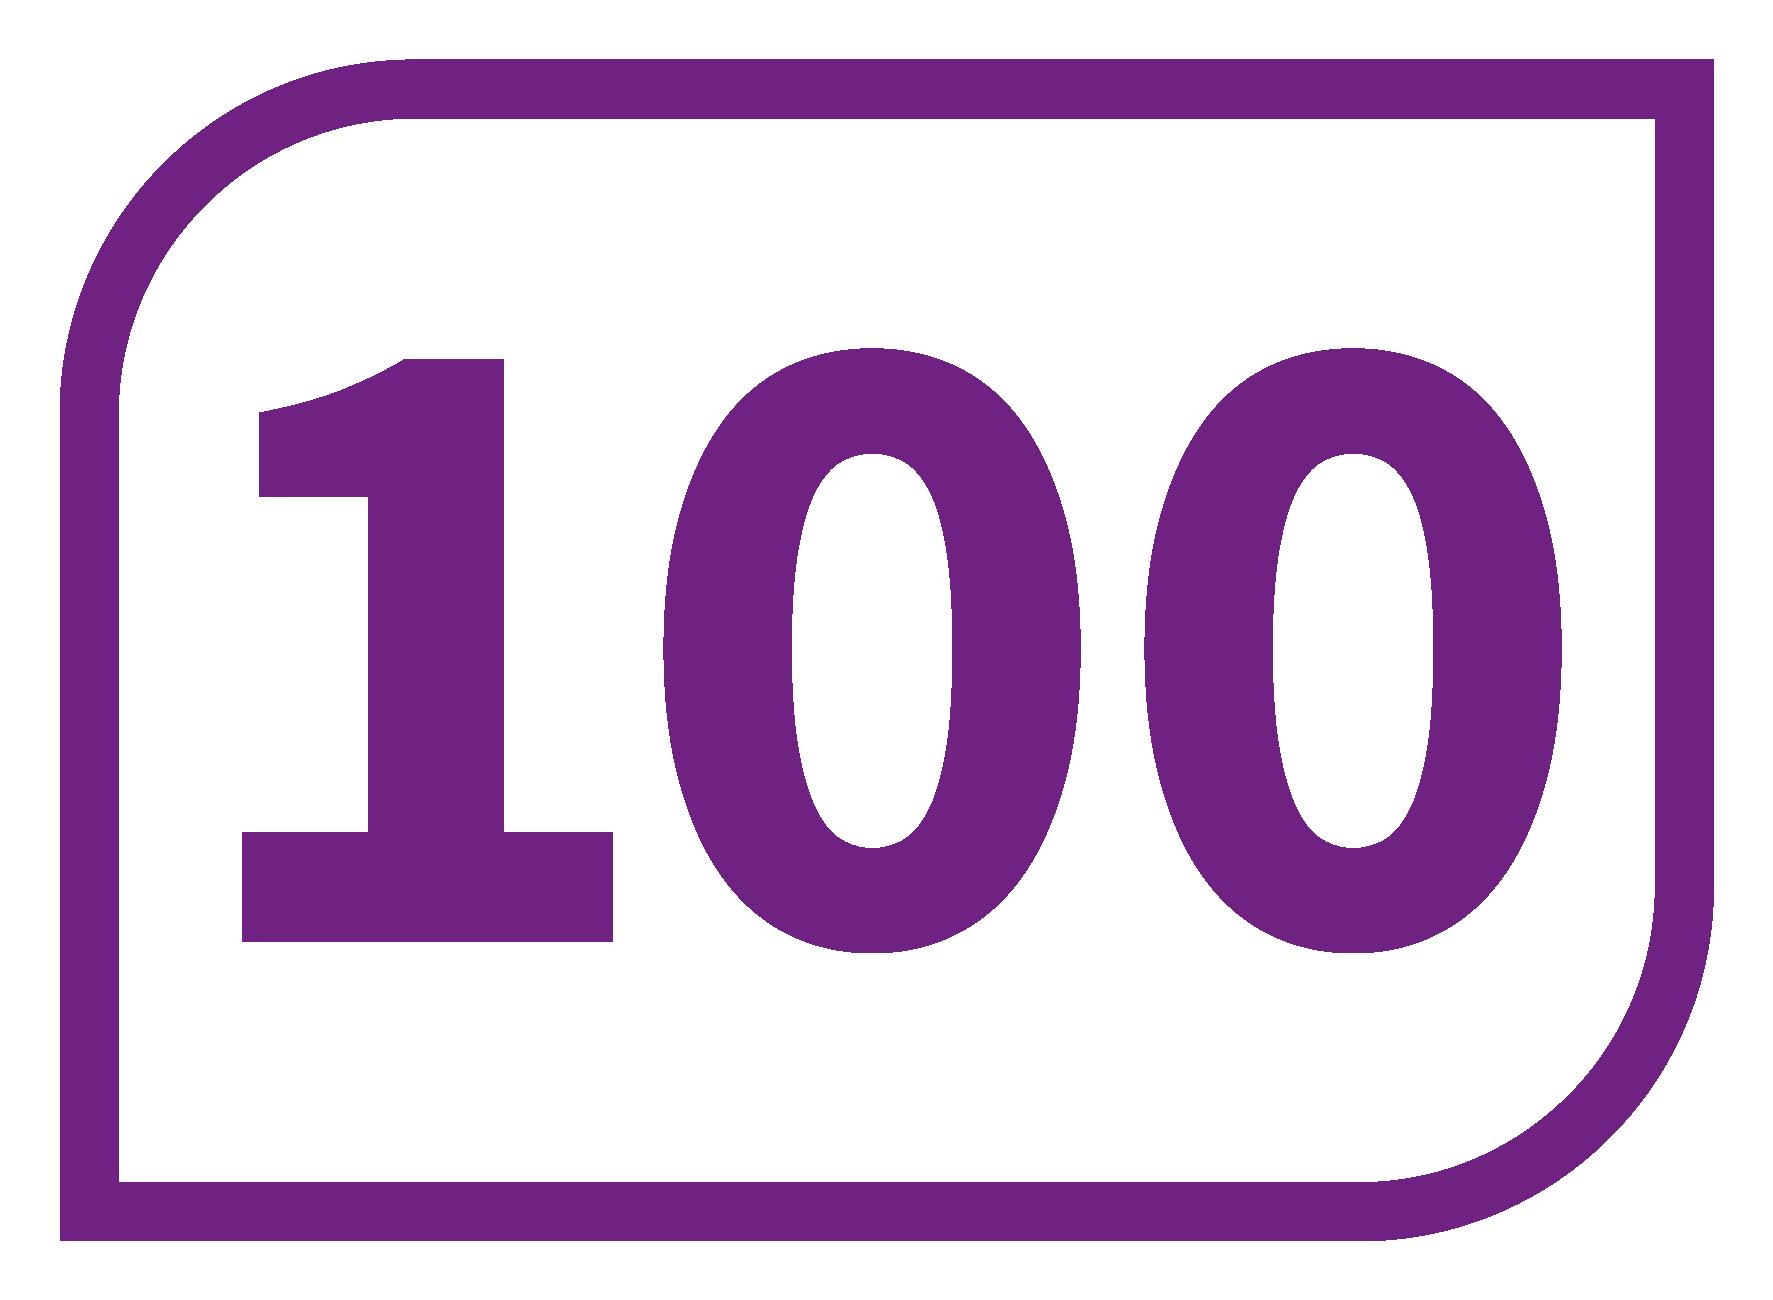 Ligne 100